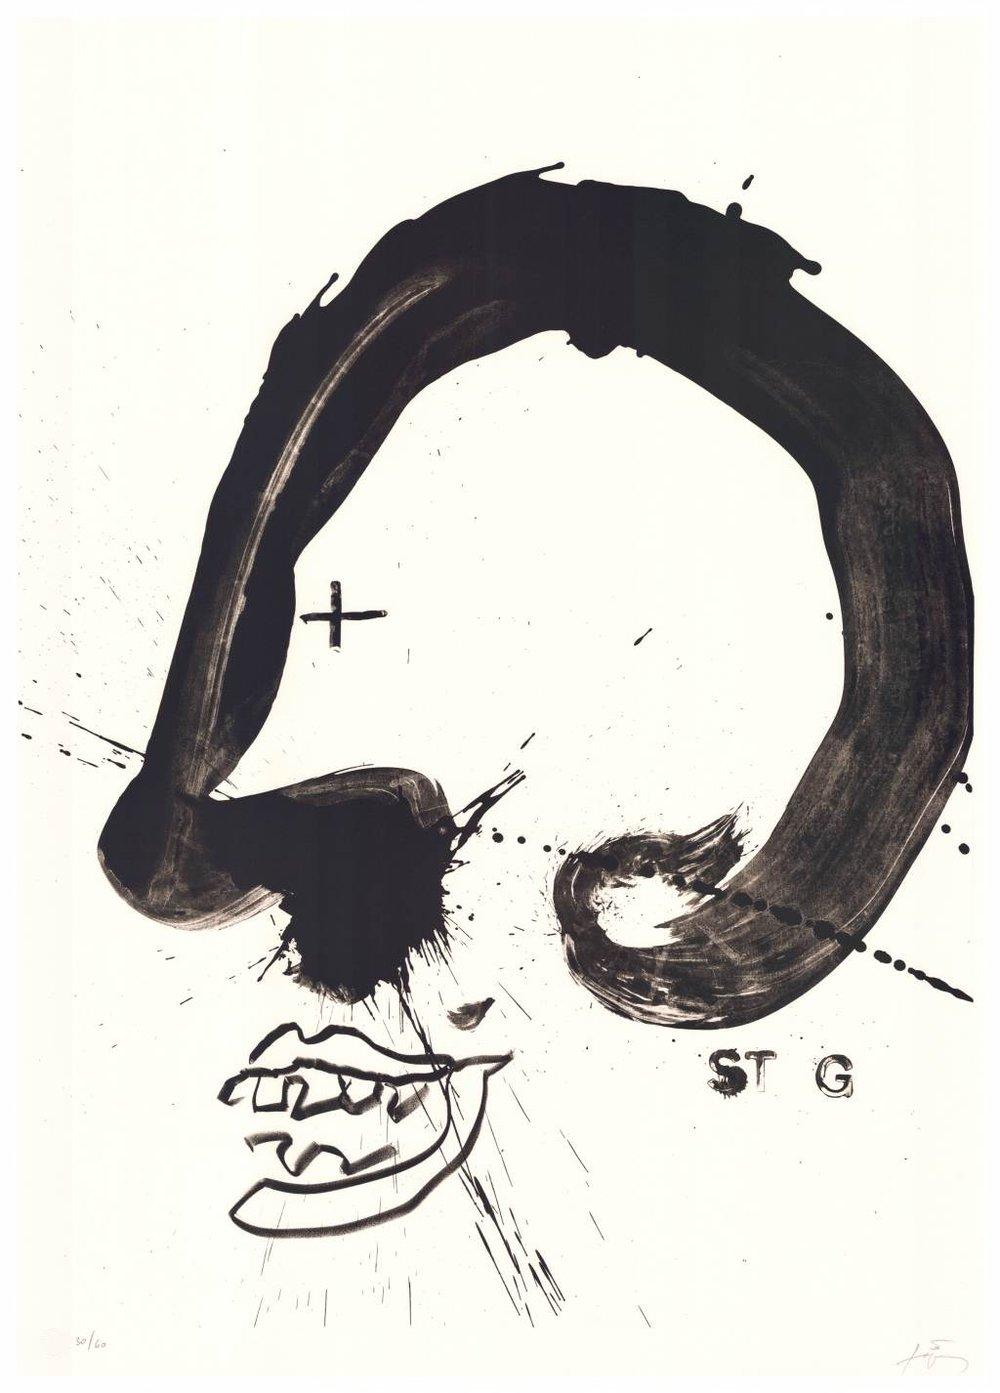 Antonie Tàpies   Improvisations en blanc i negre V . 1987 Lithographie . Auflage 60 . 105 x 75 cm  2.800 Euro  unverbindliche Anfrage